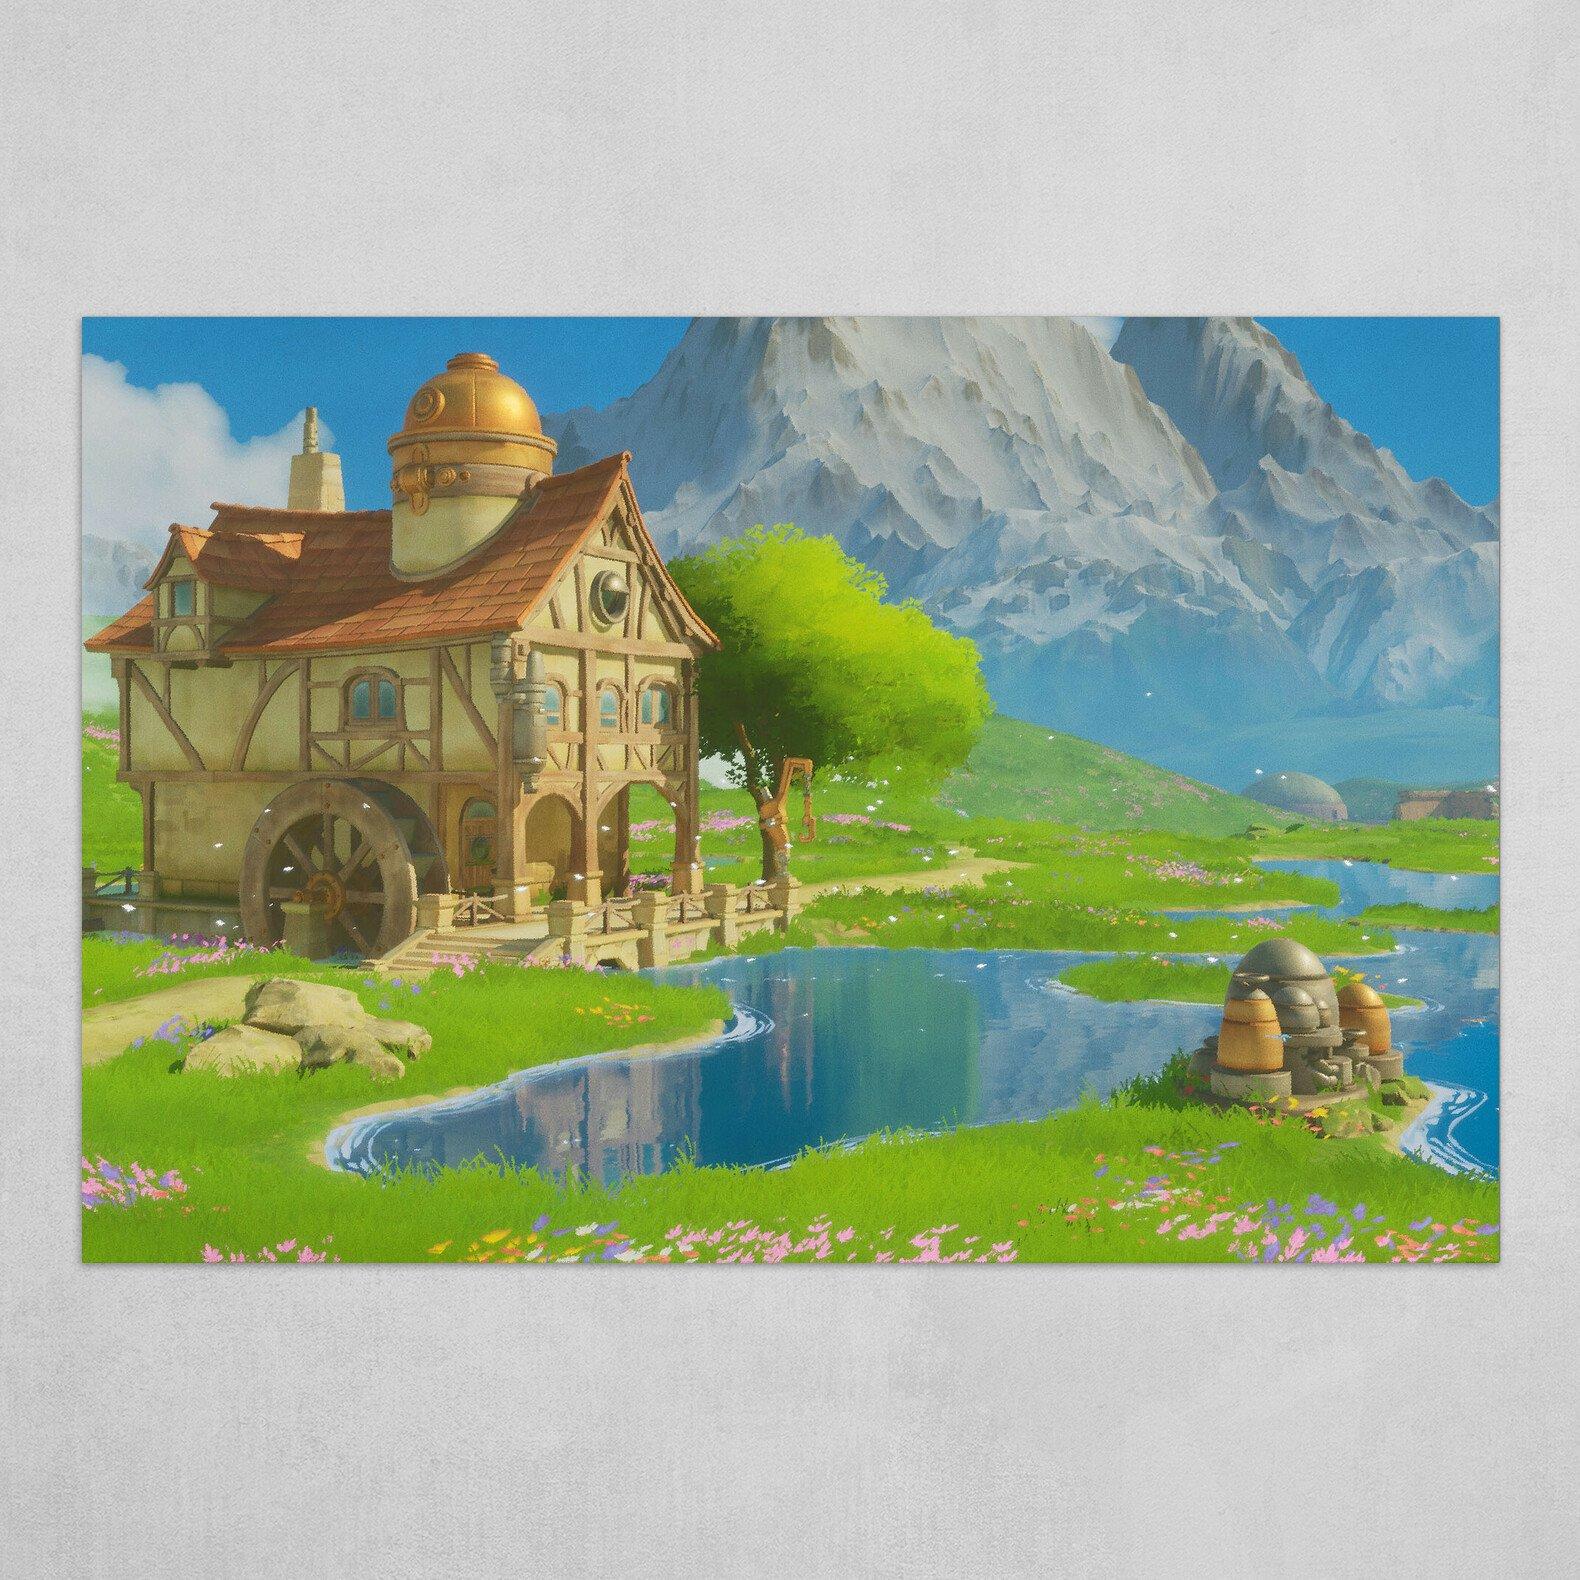 Europa - Zee's home